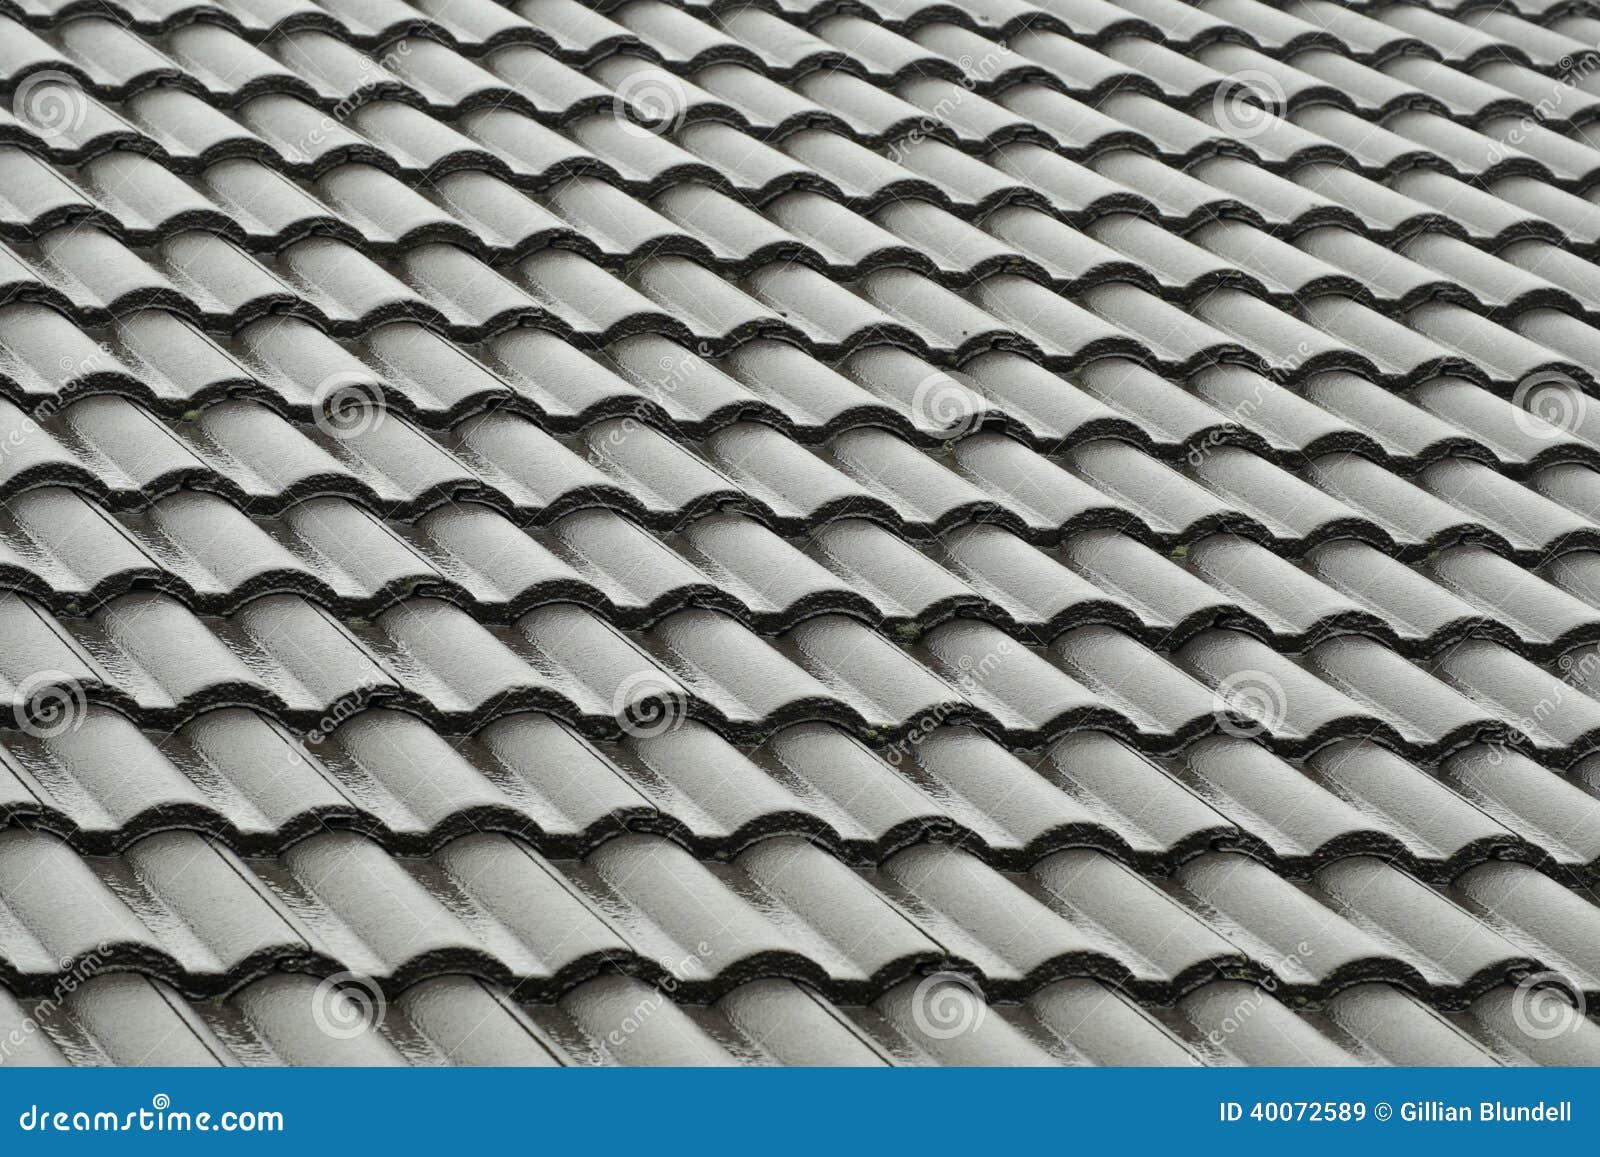 tuiles de toit grises sous la pluie photo stock image. Black Bedroom Furniture Sets. Home Design Ideas